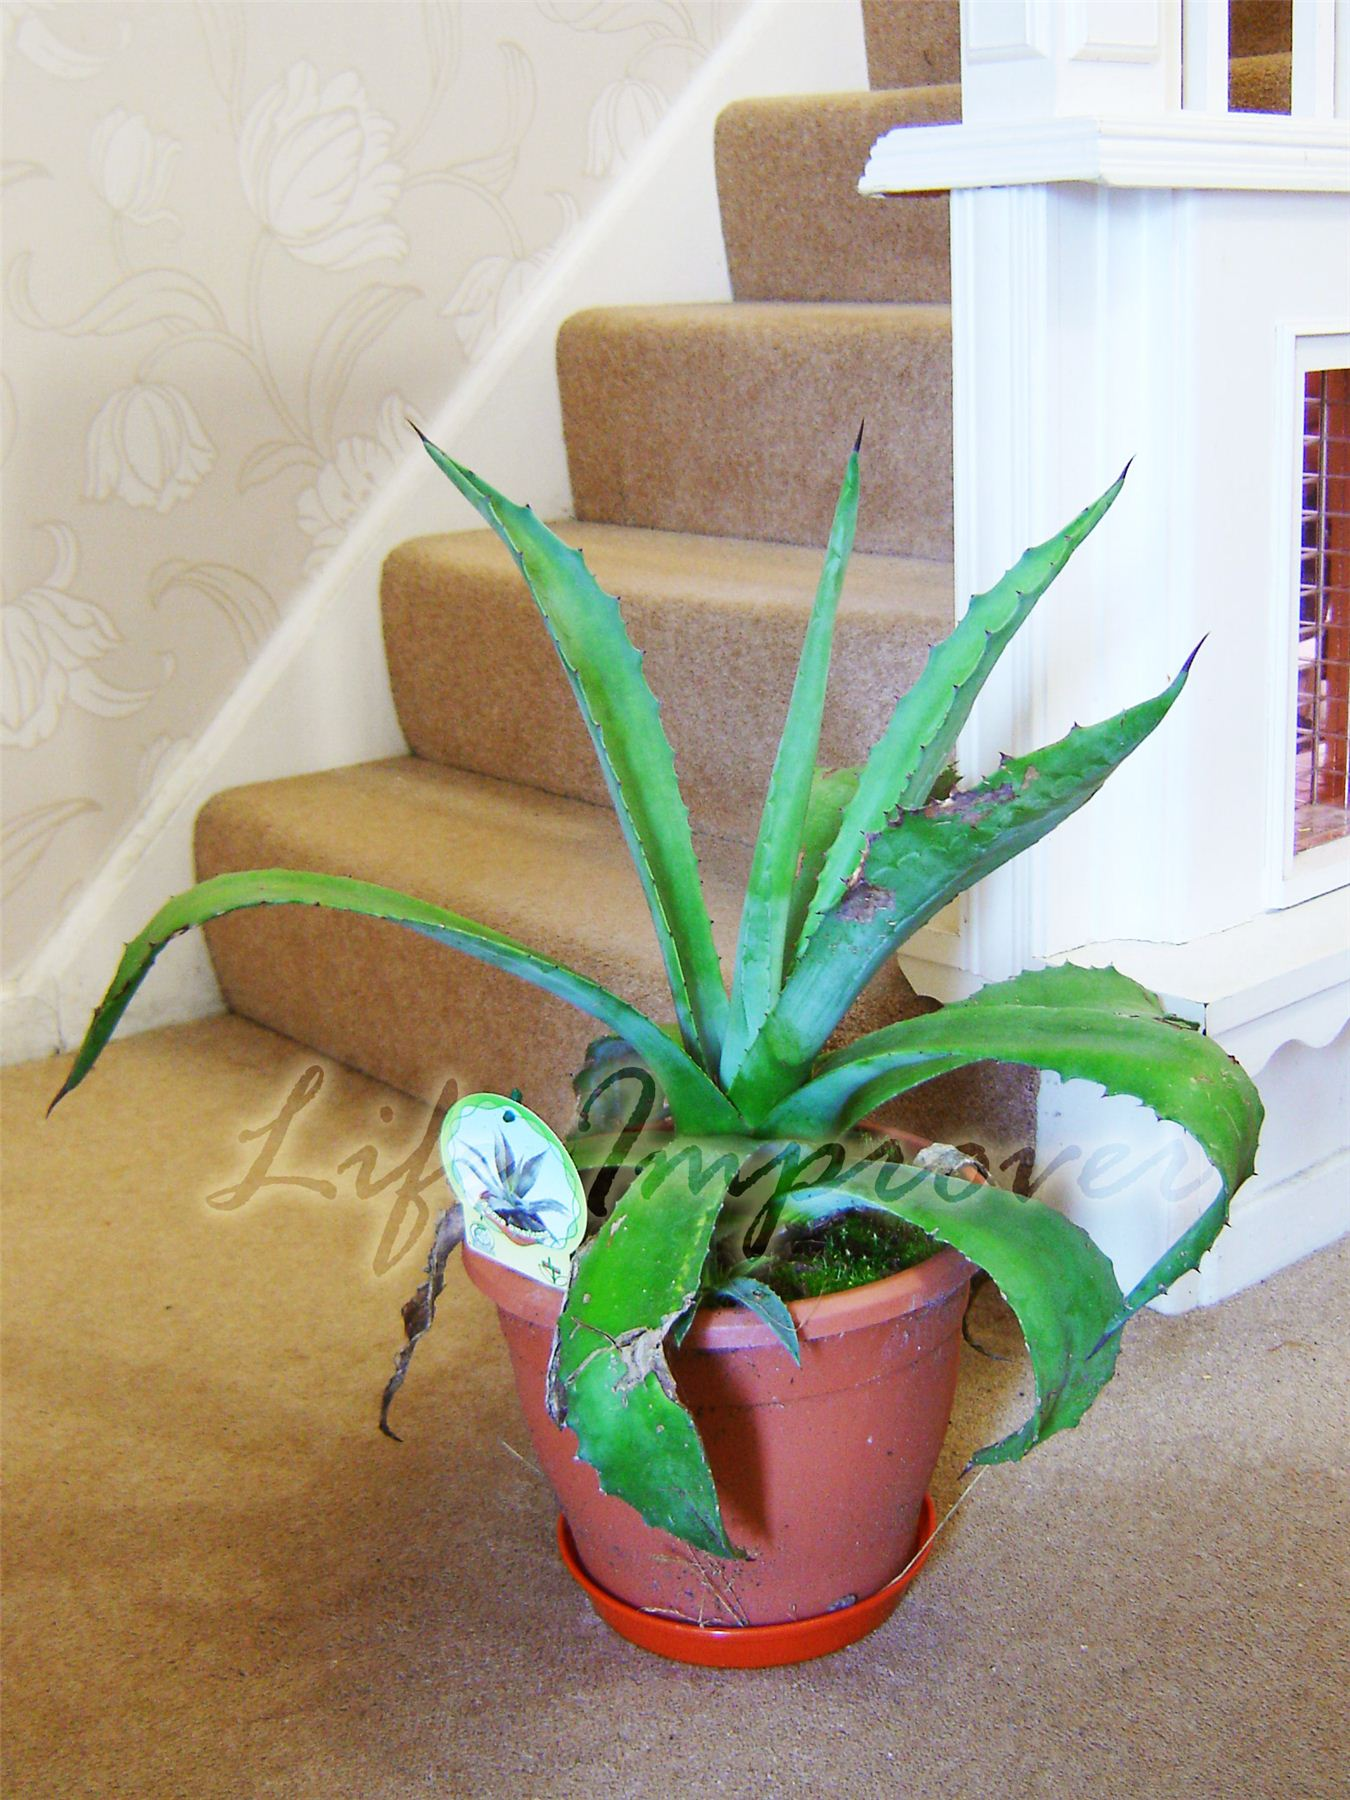 evergreen nature aloe vera en pot natural medicinal. Black Bedroom Furniture Sets. Home Design Ideas